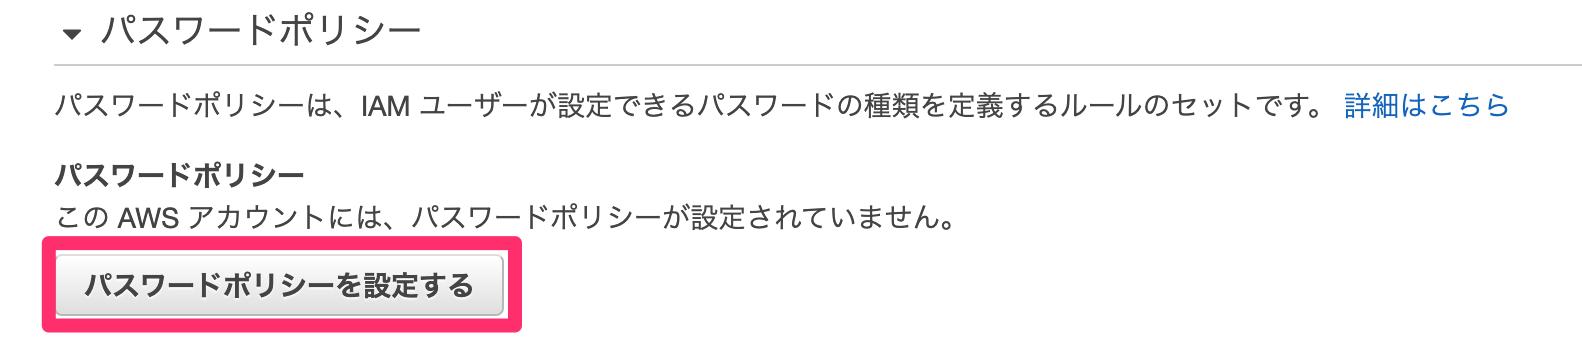 スクリーンショット_2020-01-14_12_03_40.png